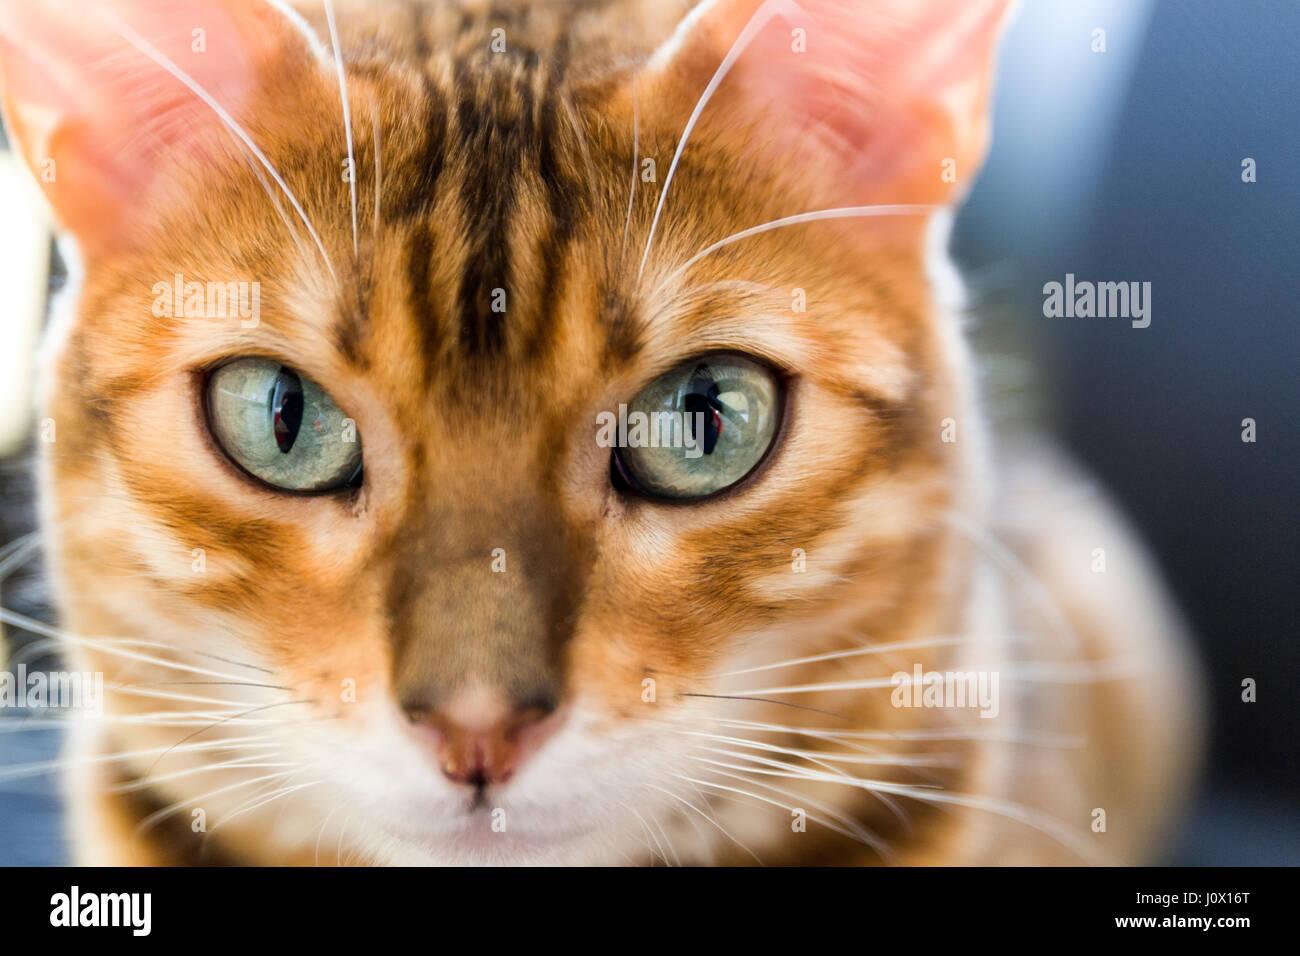 Close up ritratto femminile di Gatto bengala occhi e faccia modello di rilascio: No. Proprietà di rilascio: Immagini Stock